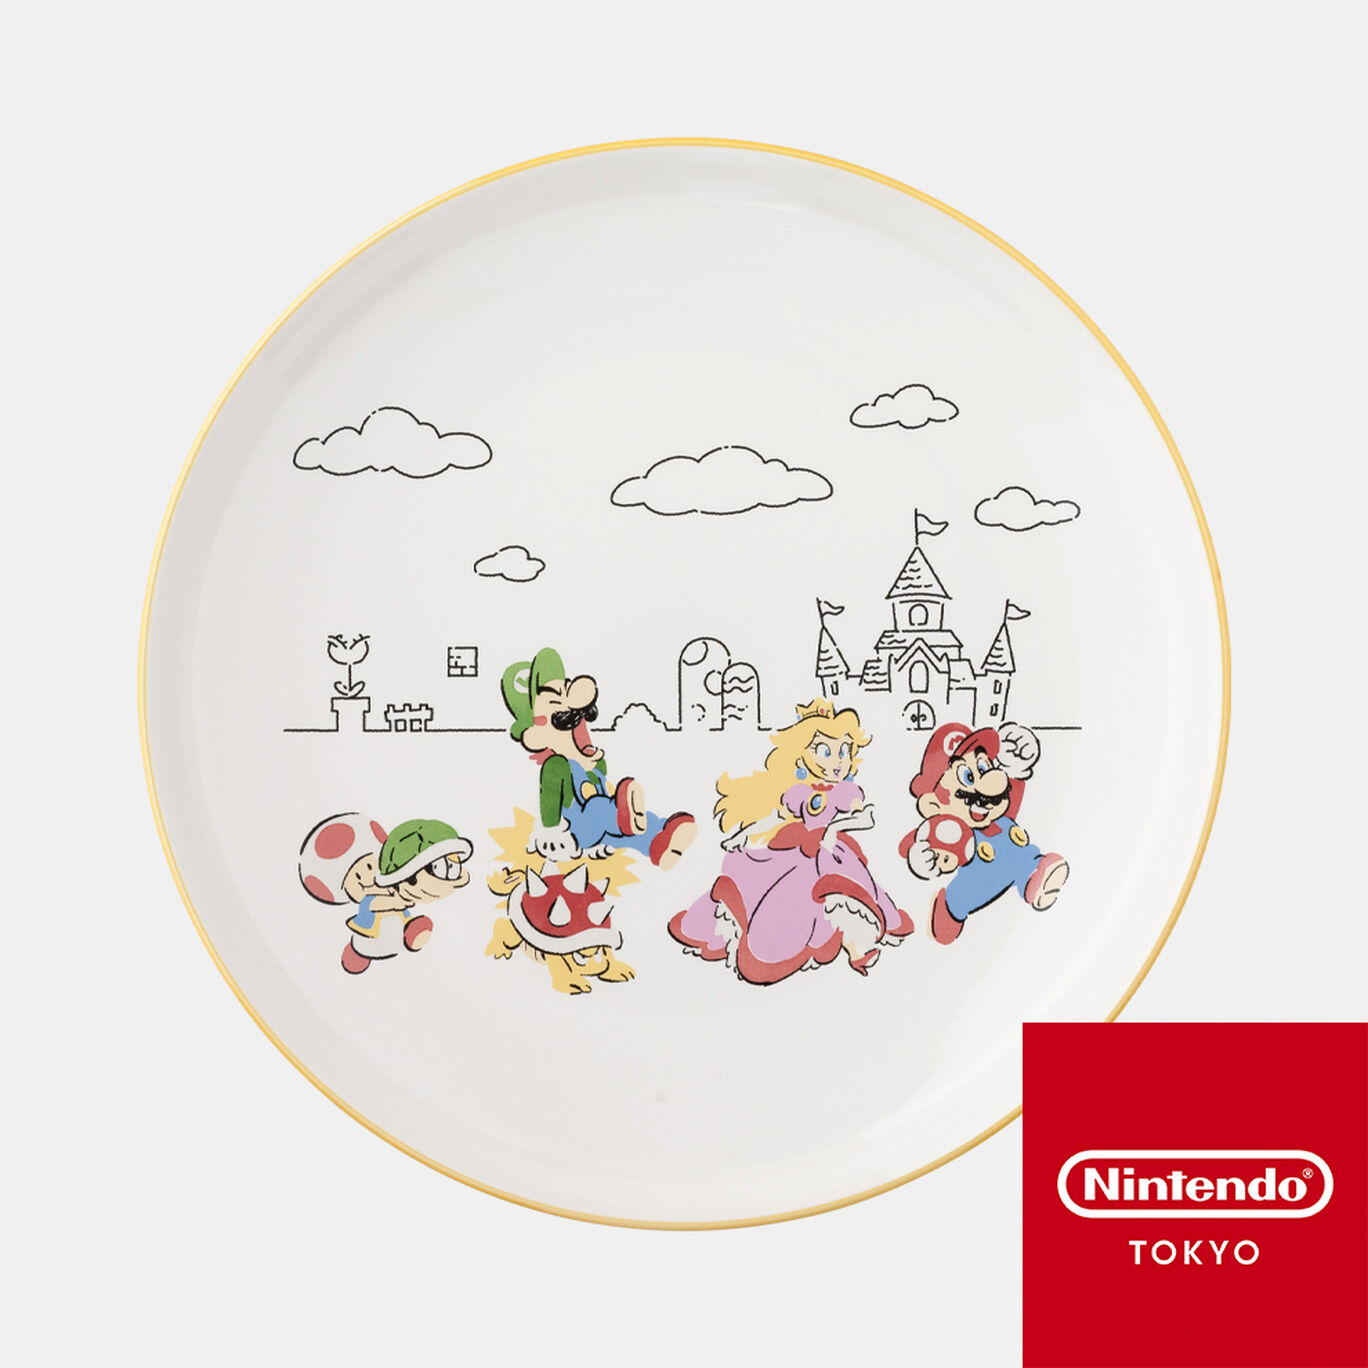 陶器大皿 スーパーマリオファミリーライフ【Nintendo TOKYO取り扱い商品】